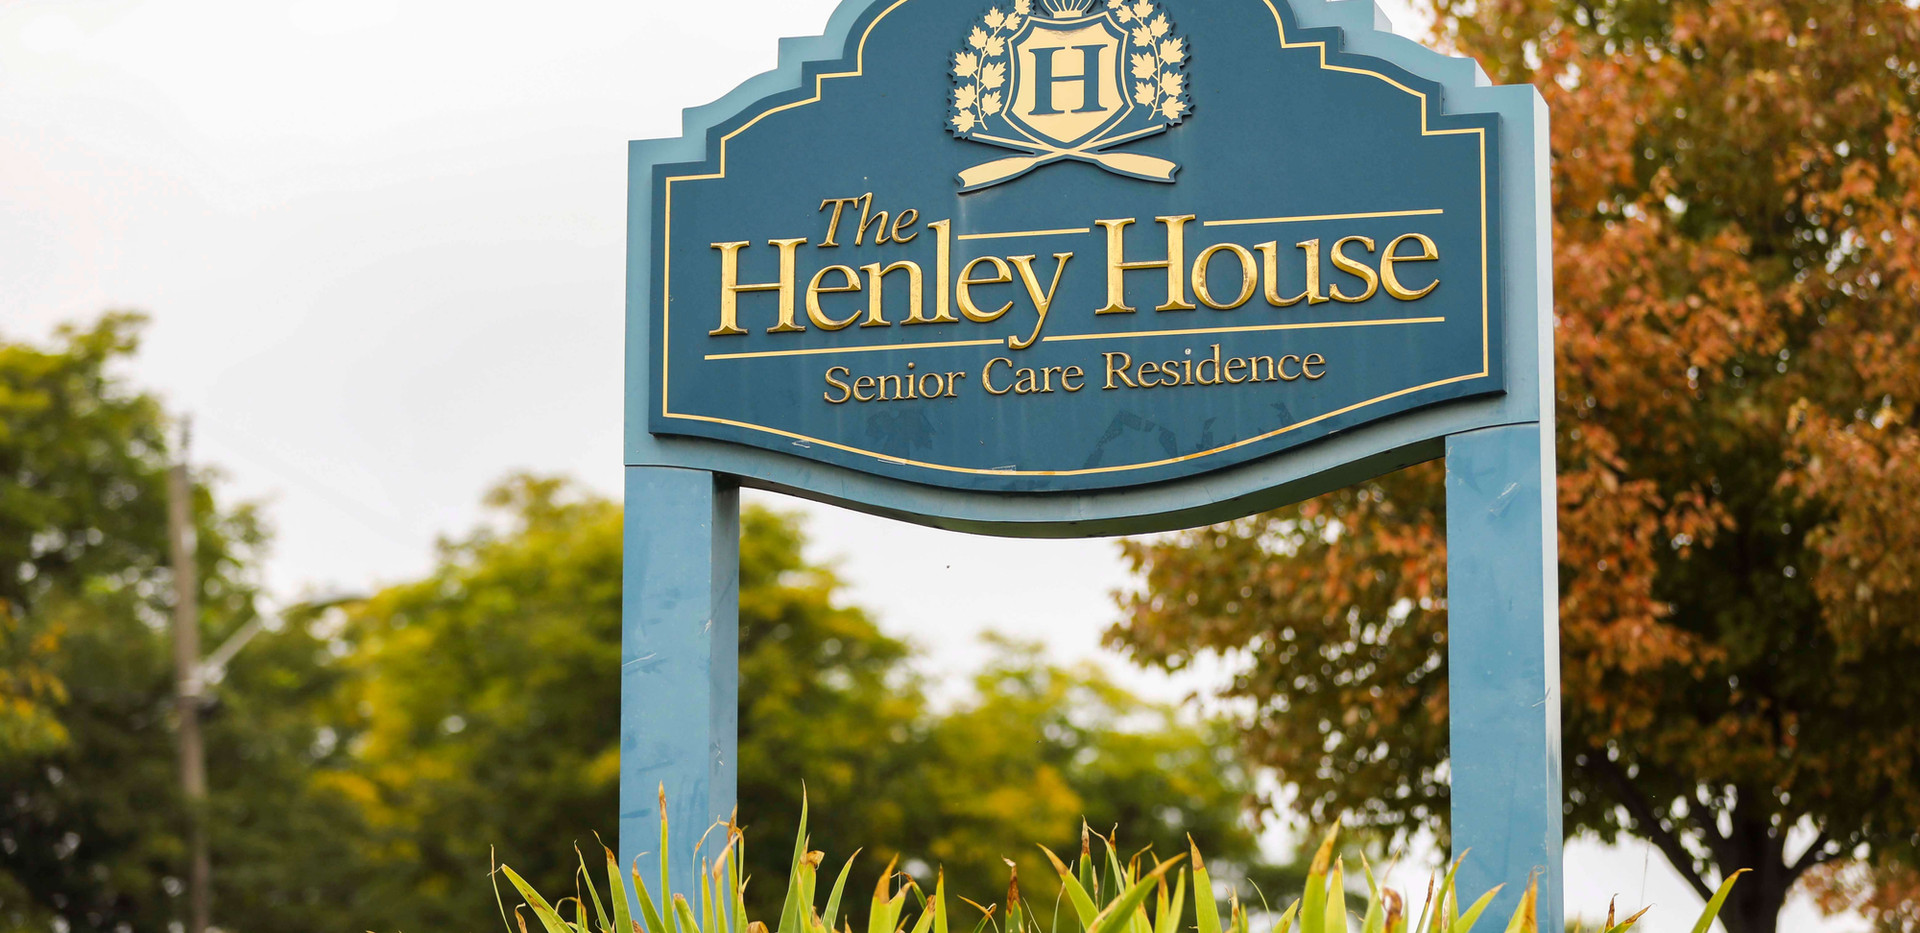 henley house senior living sign